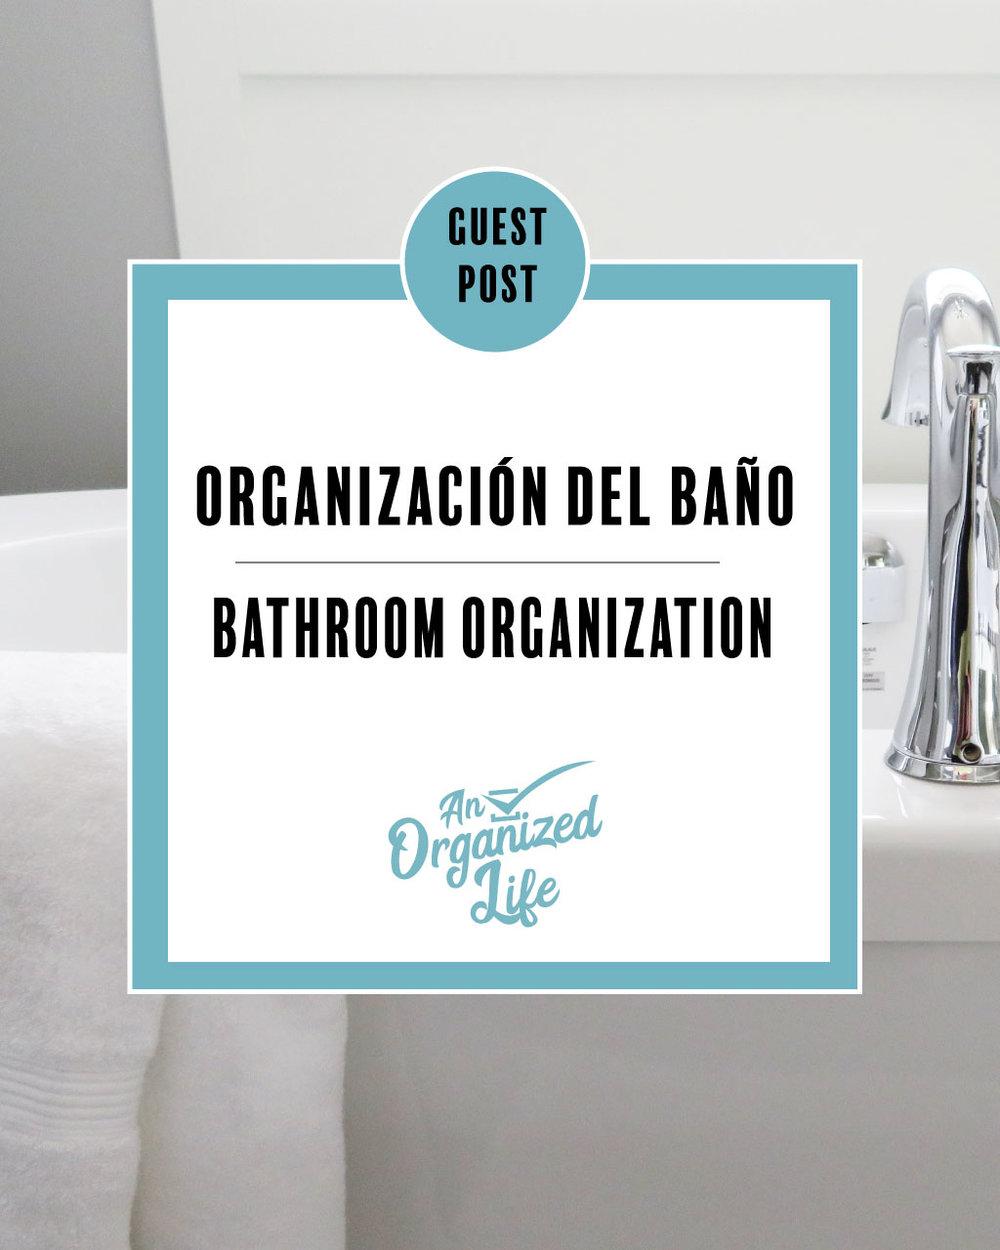 Organización del baño